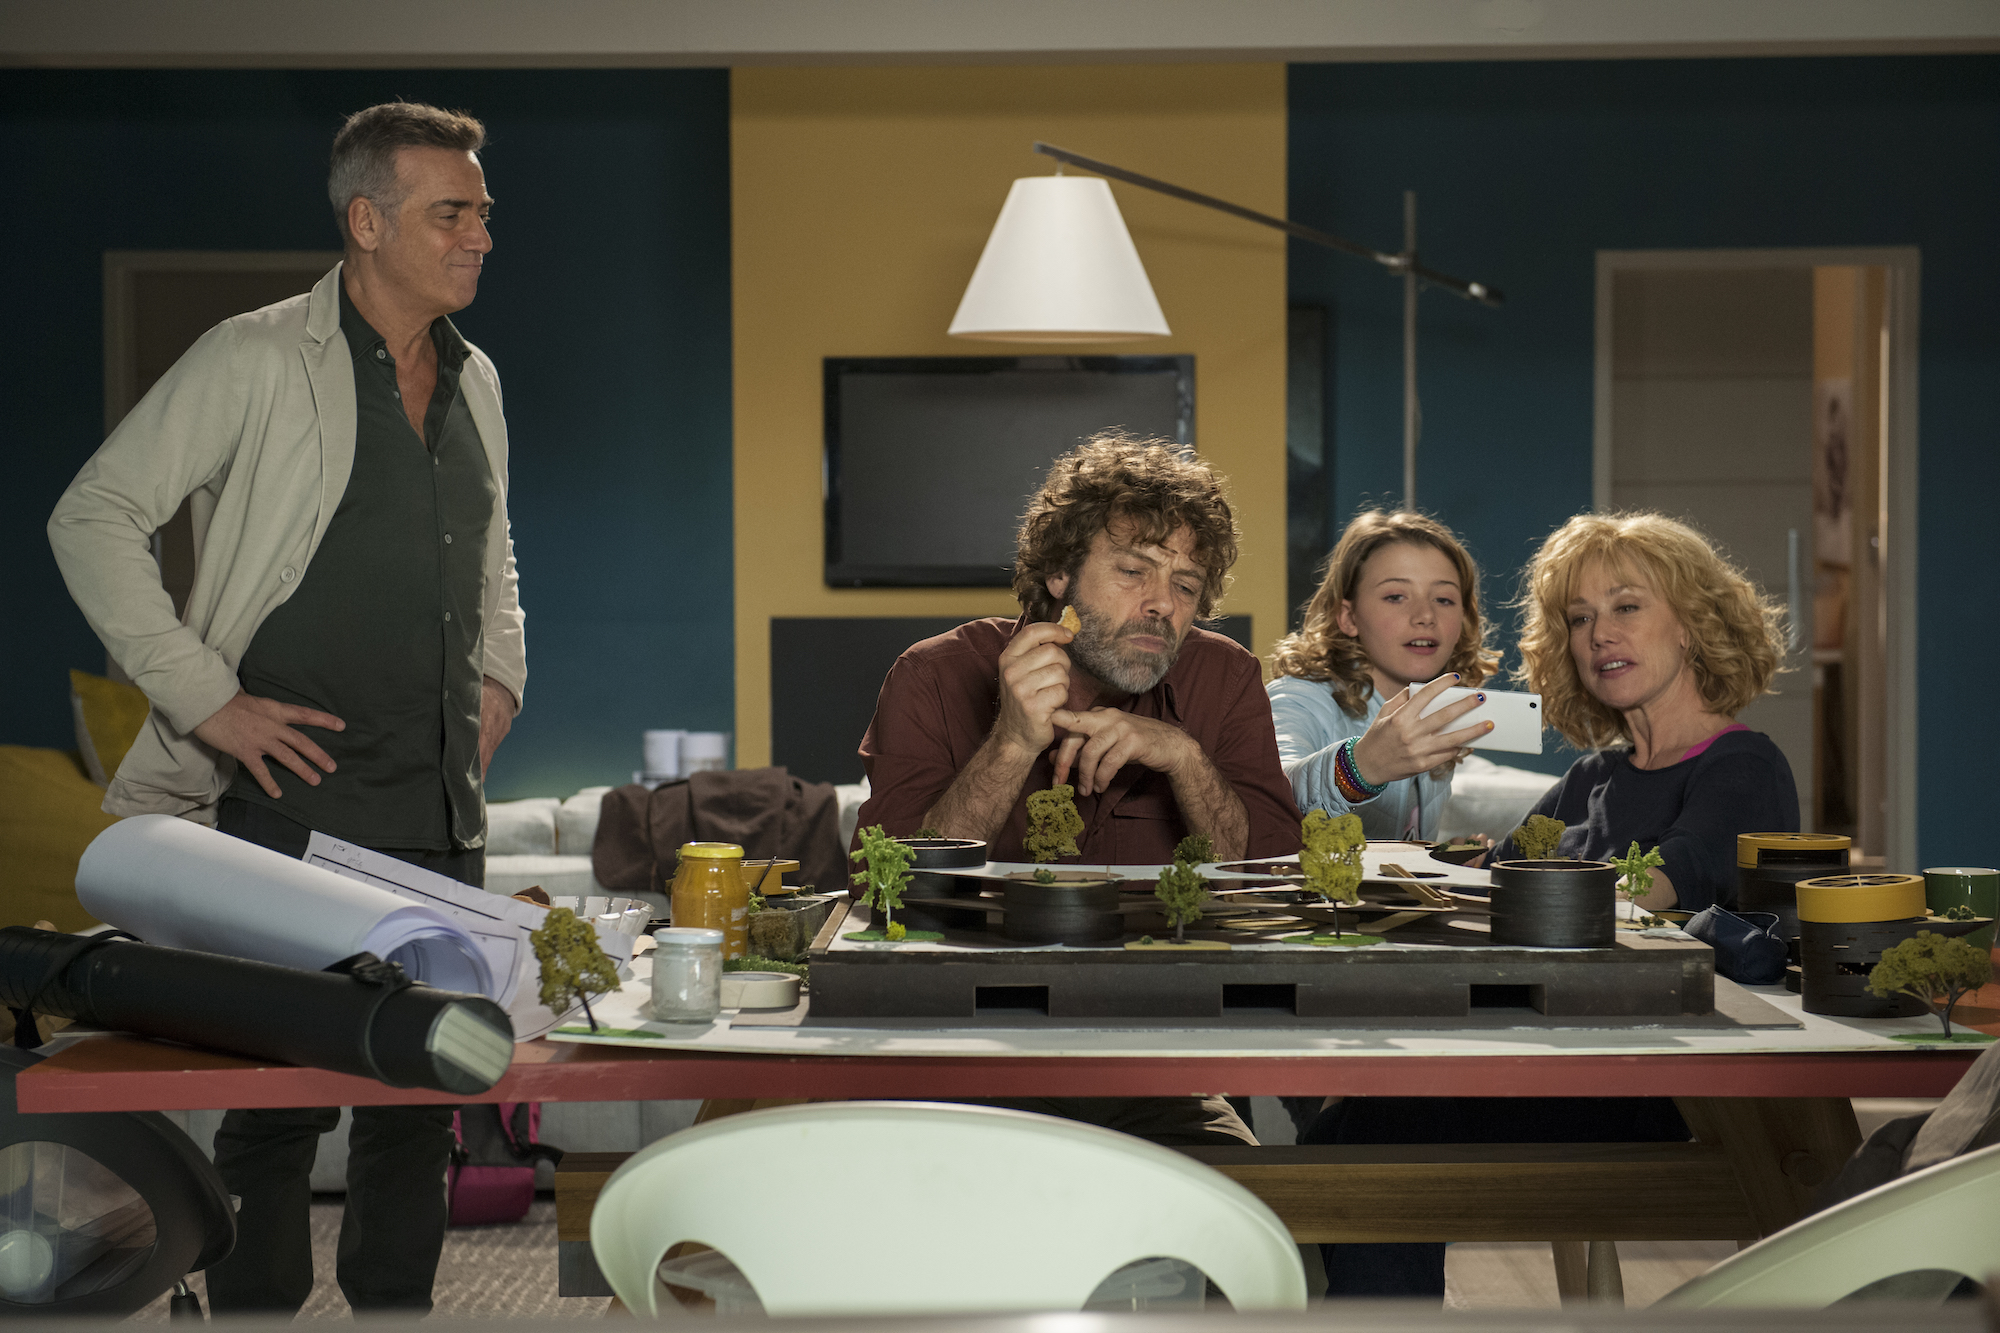 Matrimoni e altre follie: una foto dei protagonisti della serie